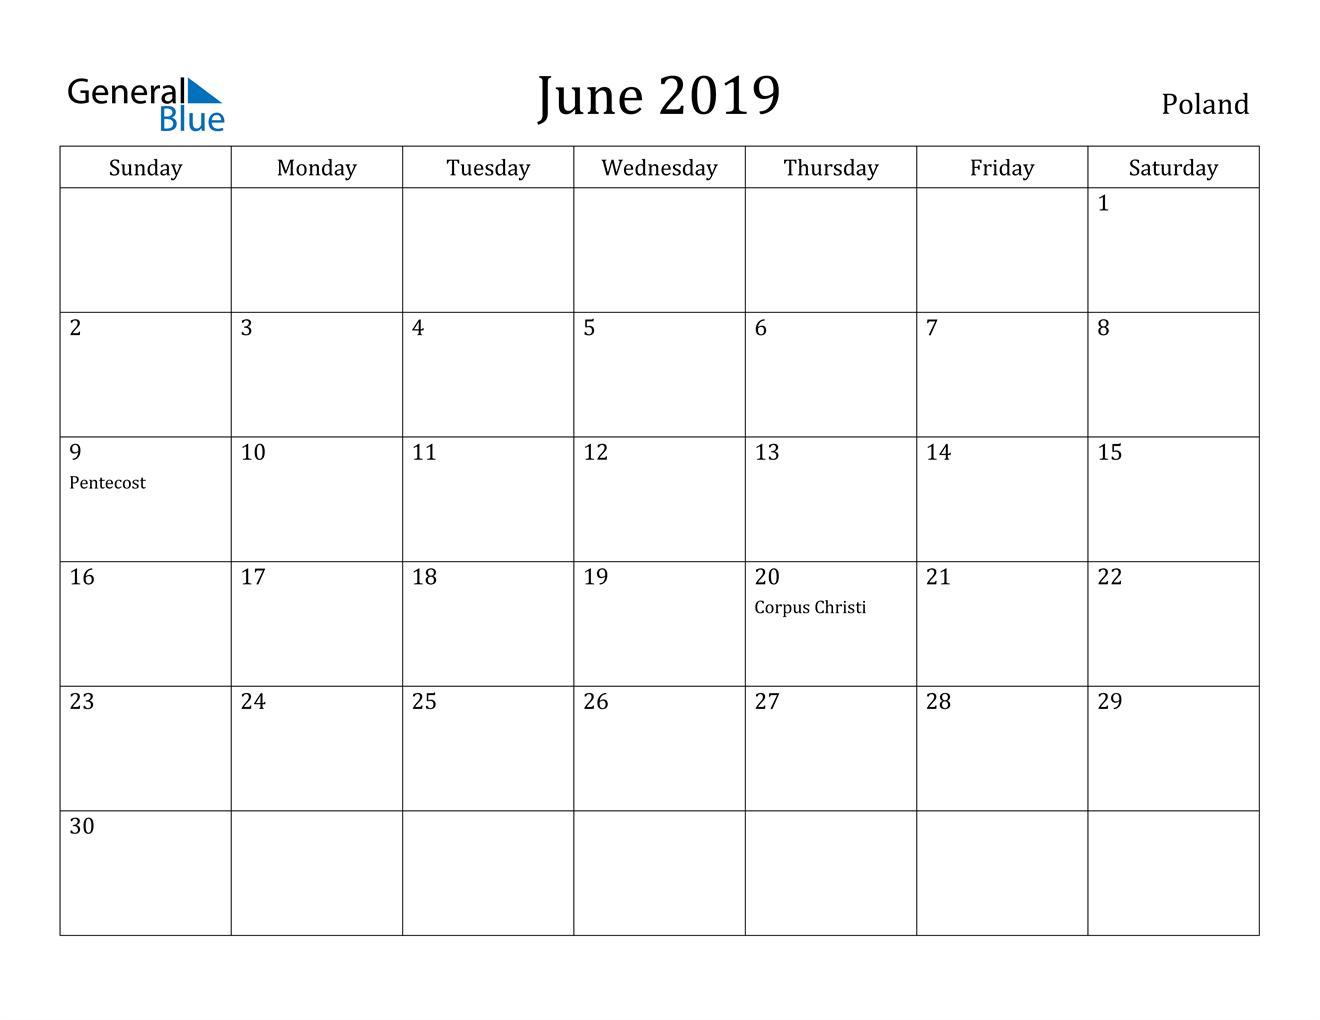 Image of June 2019 Poland Calendar with Holidays Calendar